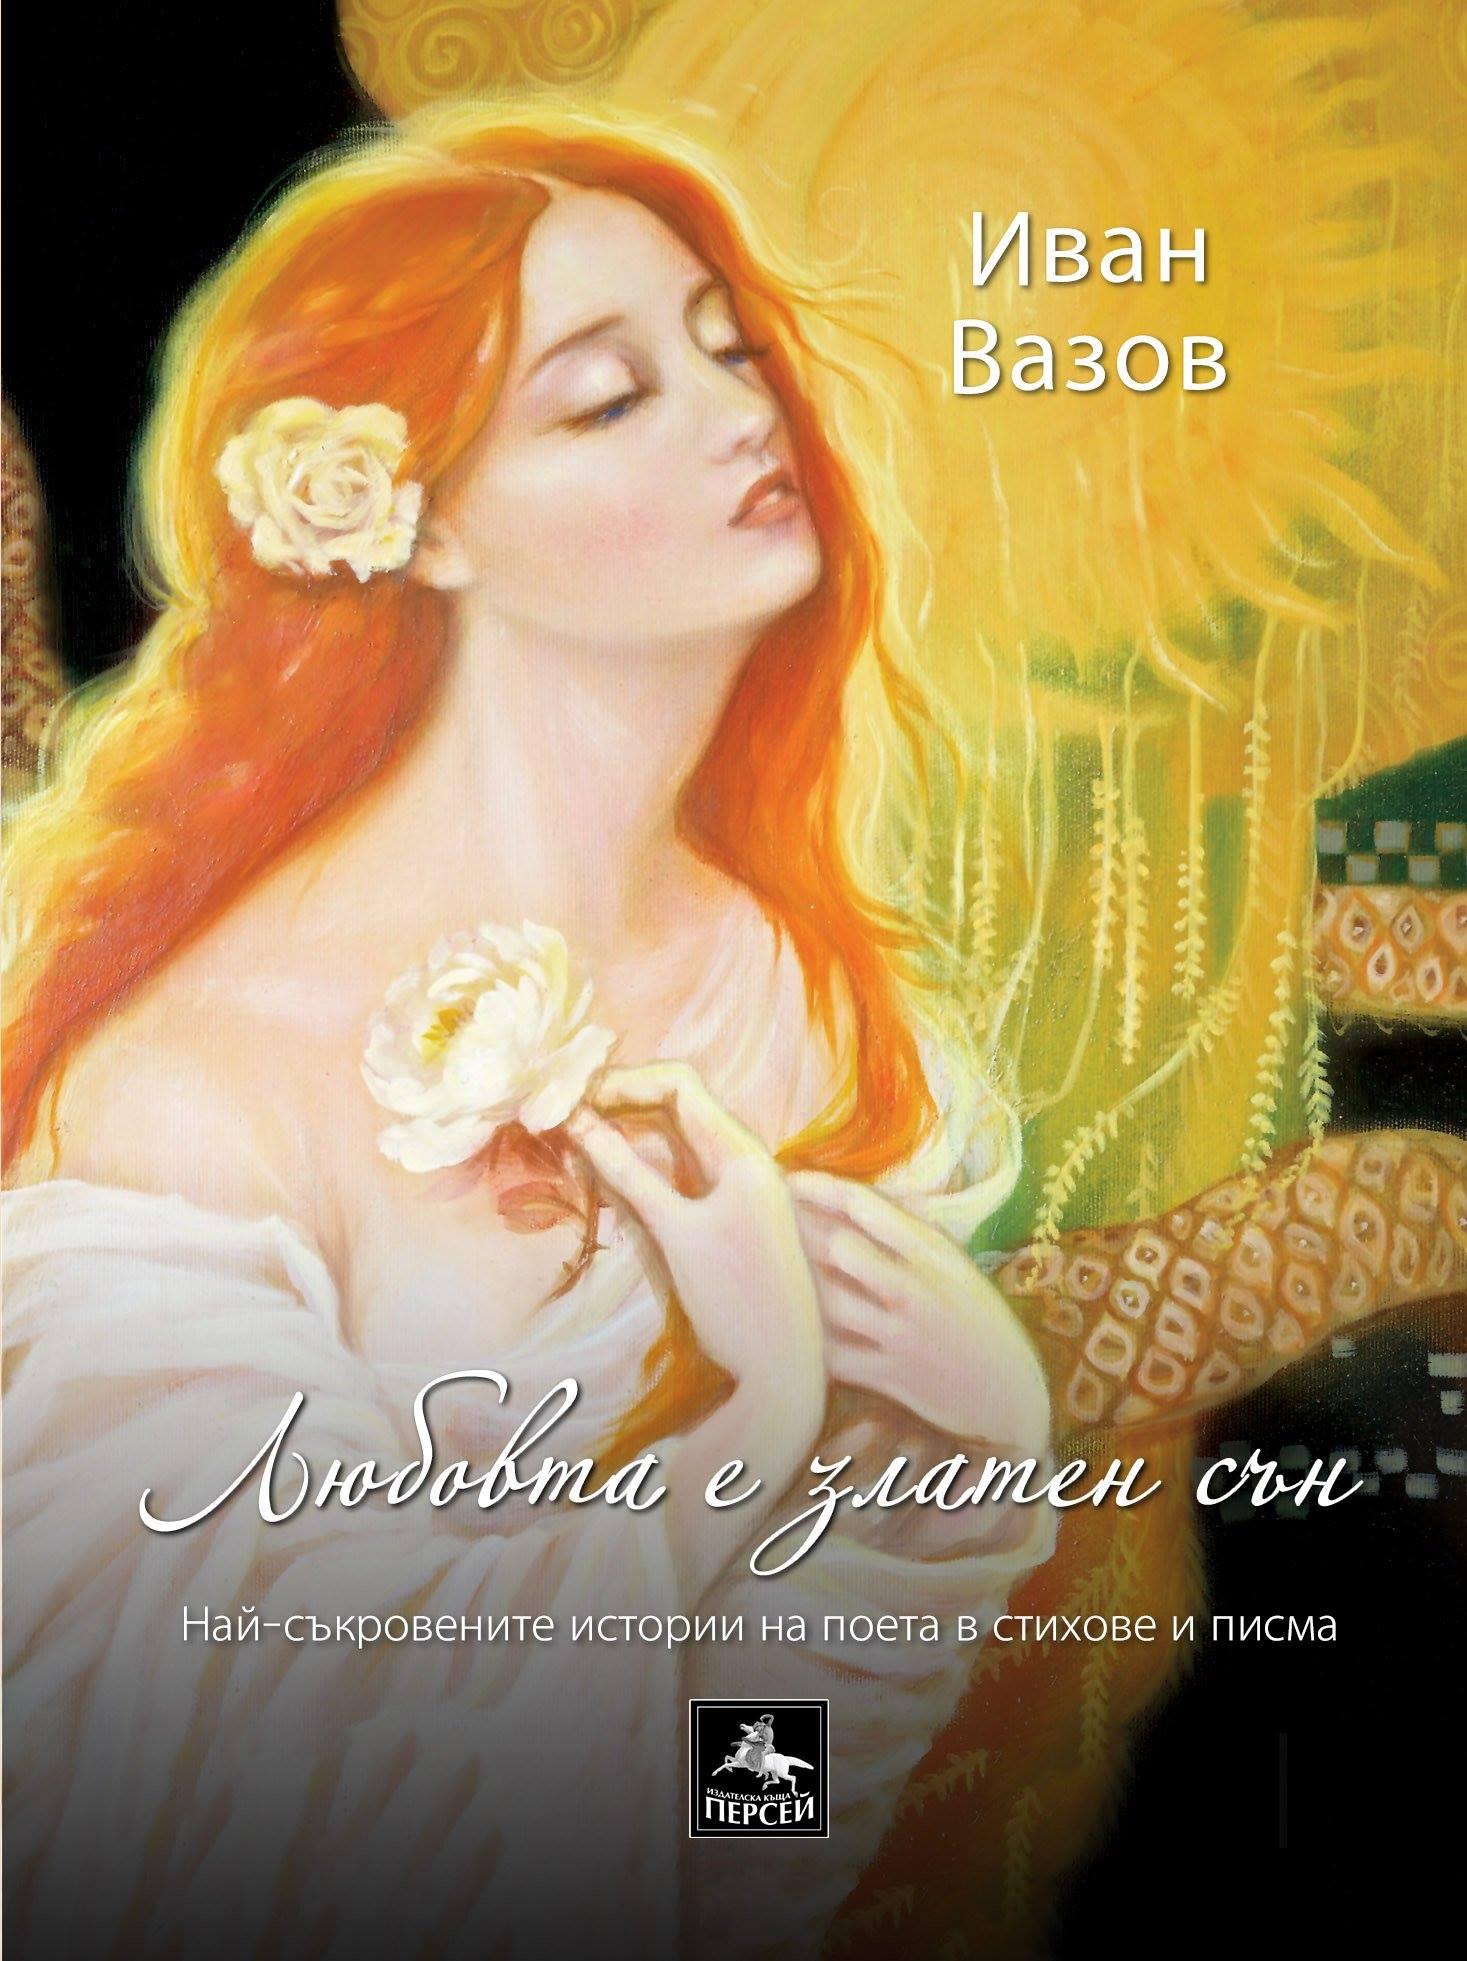 Любовта и жените в живота на Иван Вазов представят утр� ...